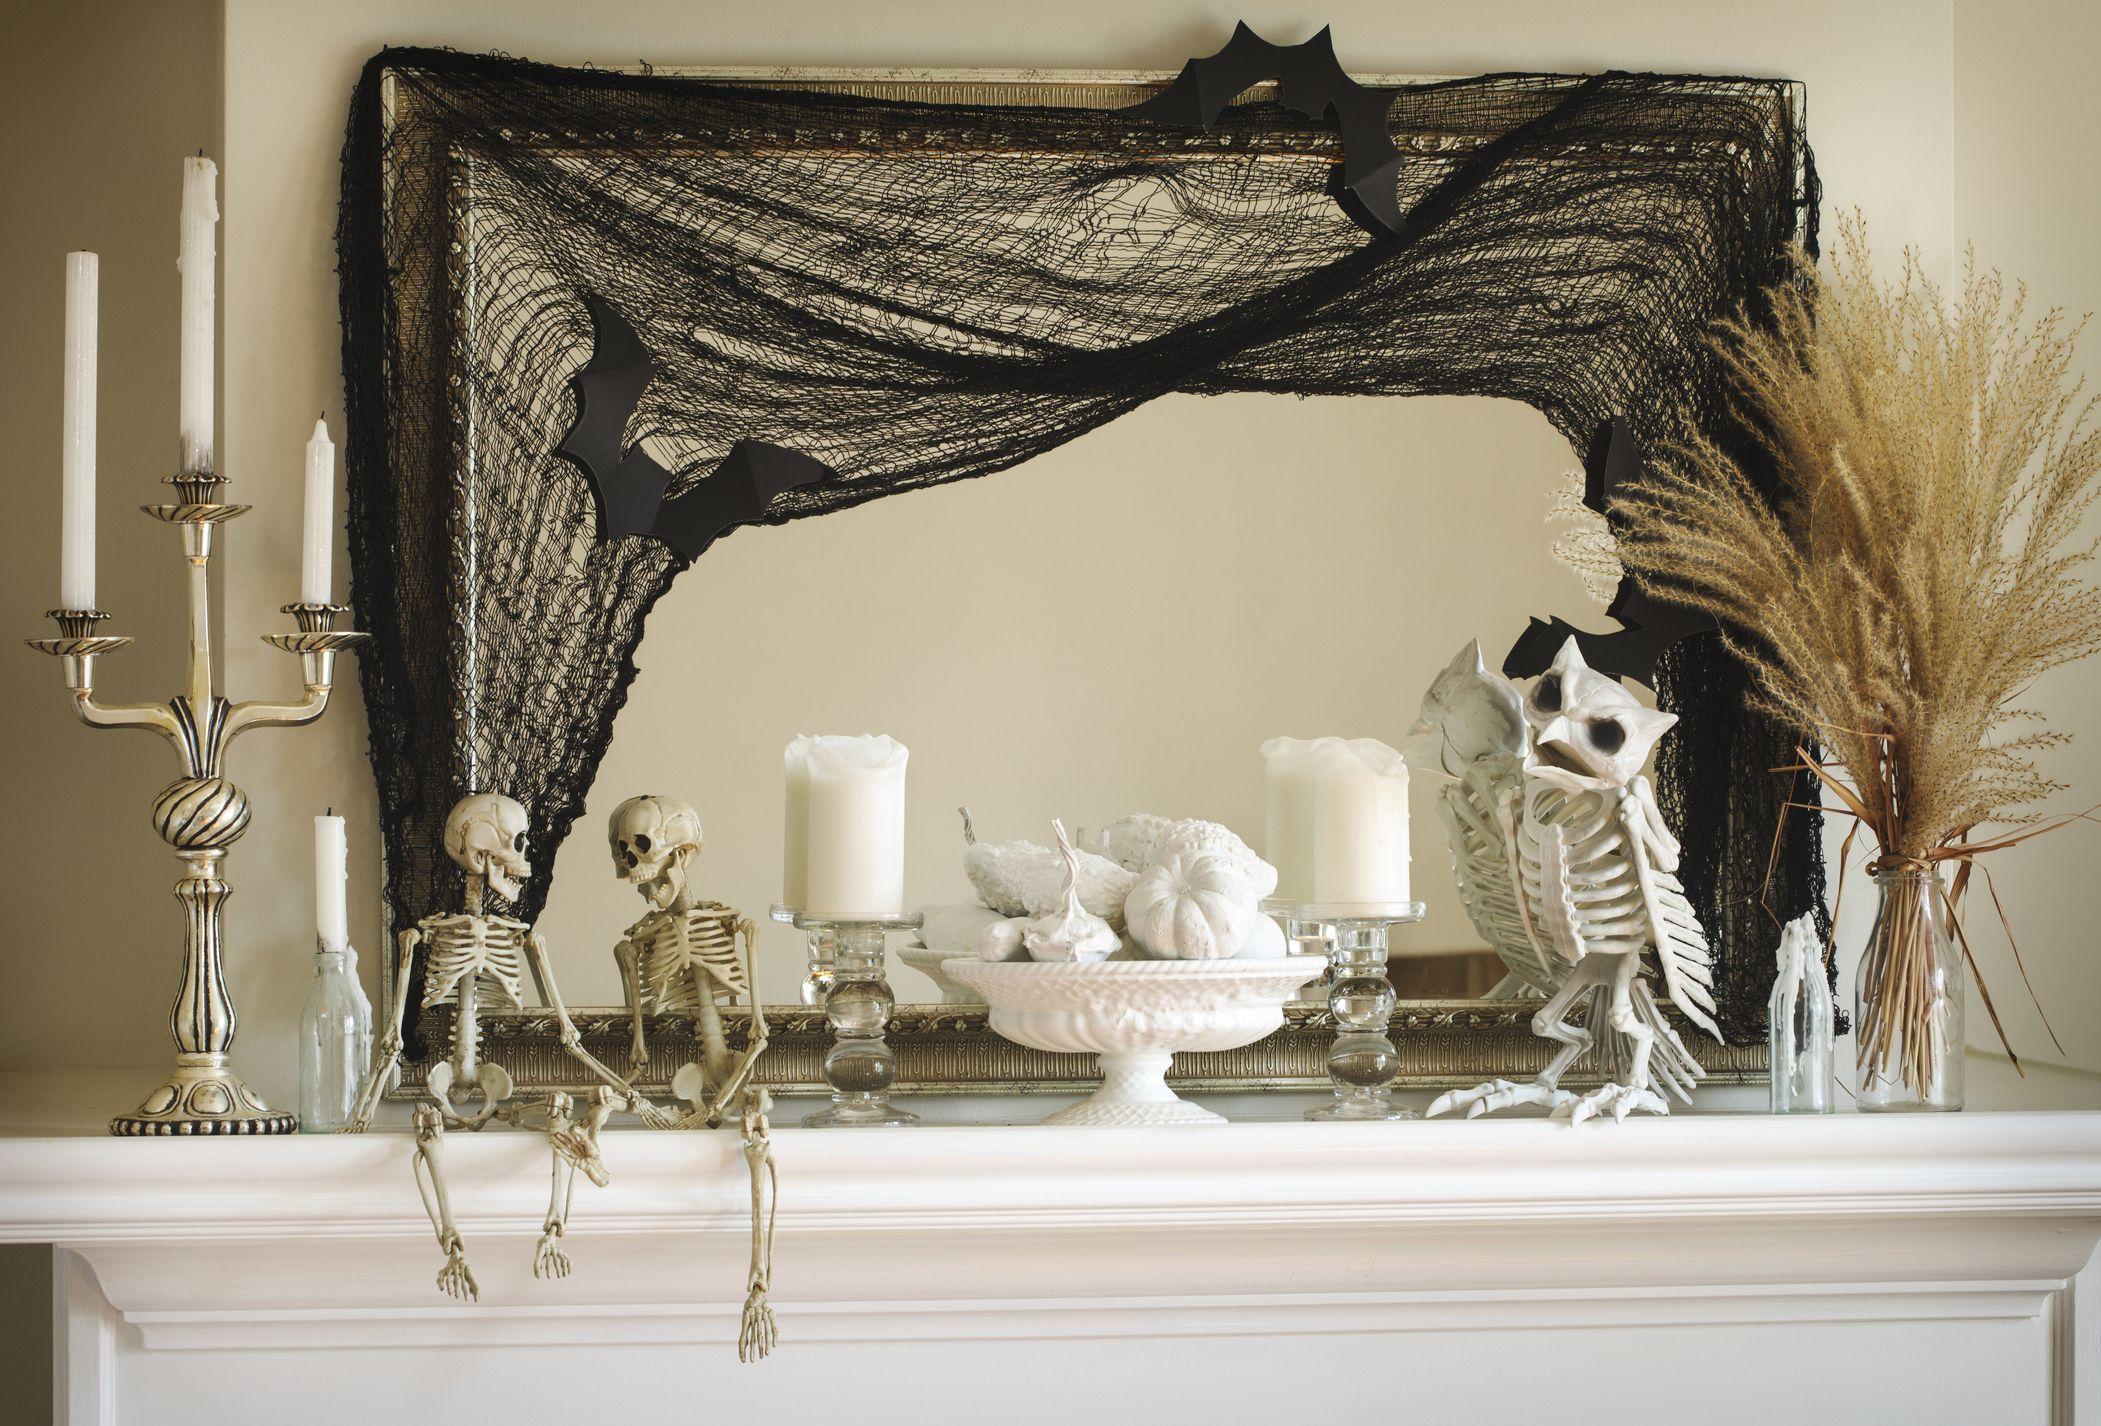 Home Decorating Ideas, Kitchen Designs, Paint Colors   House ...